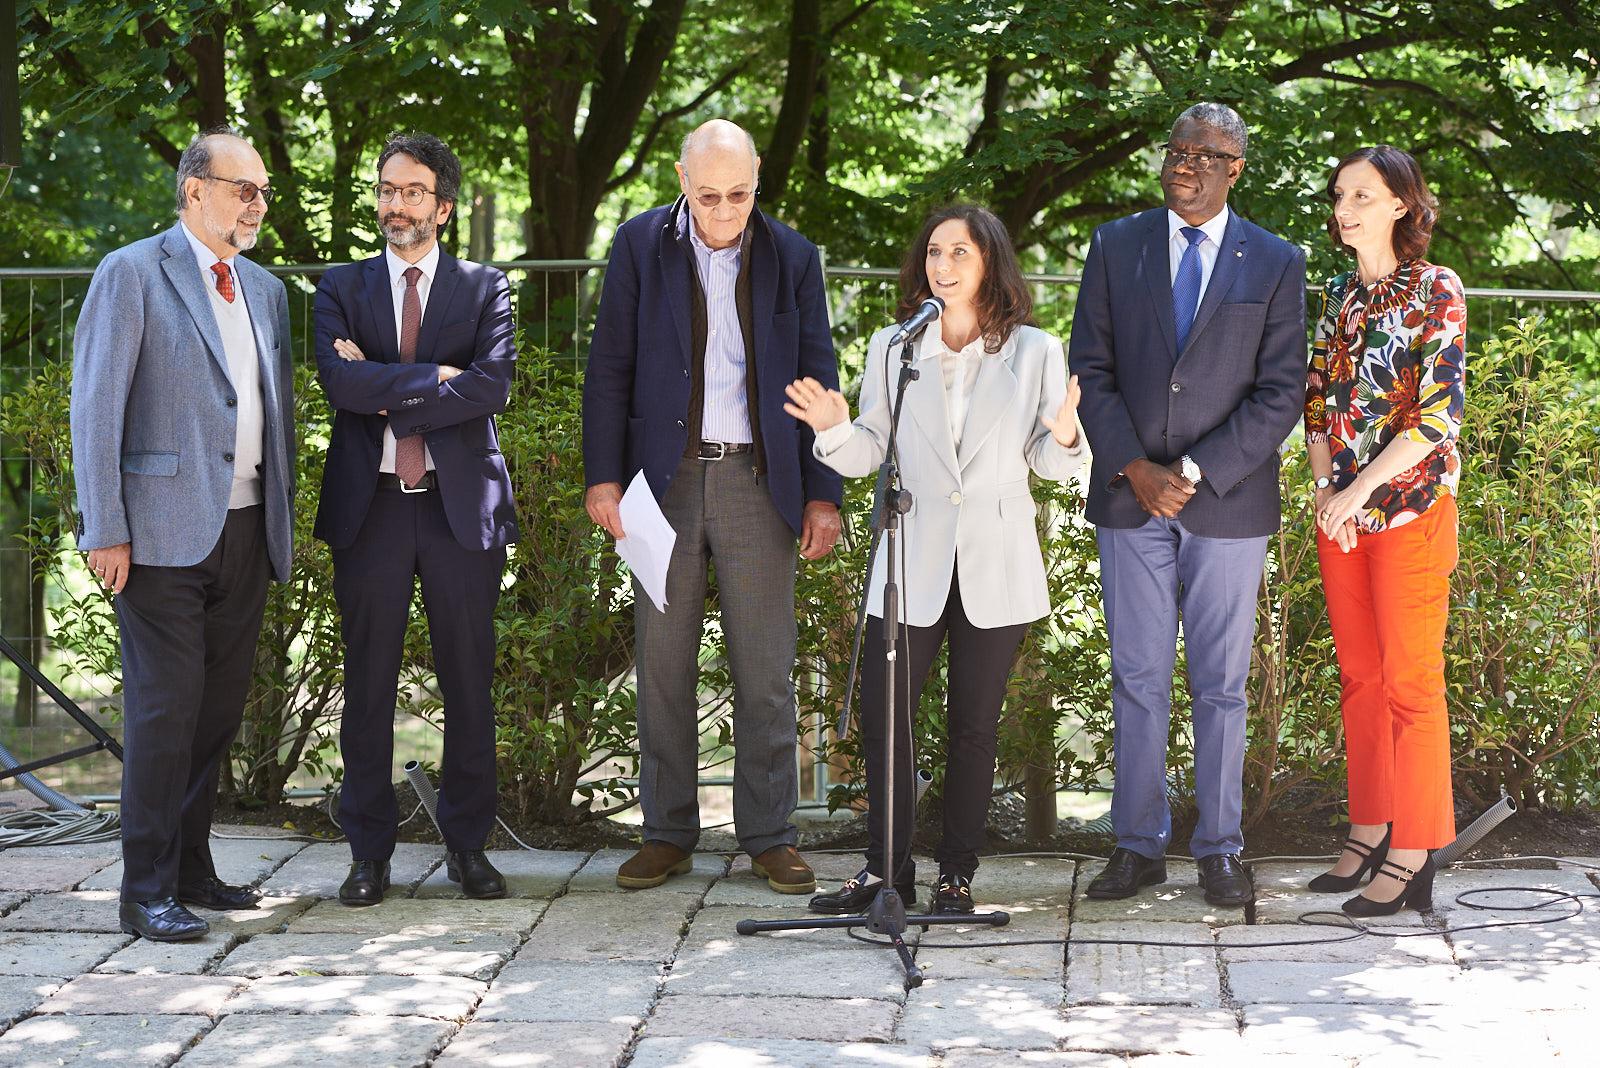 Da sinistra: Giorgio Mortara, vicepresidente UCEI, Lamberto Bertolé, presidente del Consiglio comunale di Milano, Gabriele Nissim, presidente di Gariwo,  Martina Landi, responsabile della Redazione di Gariwo, il Dr. Denis Mukwege e Anna Pozzi, giornalista